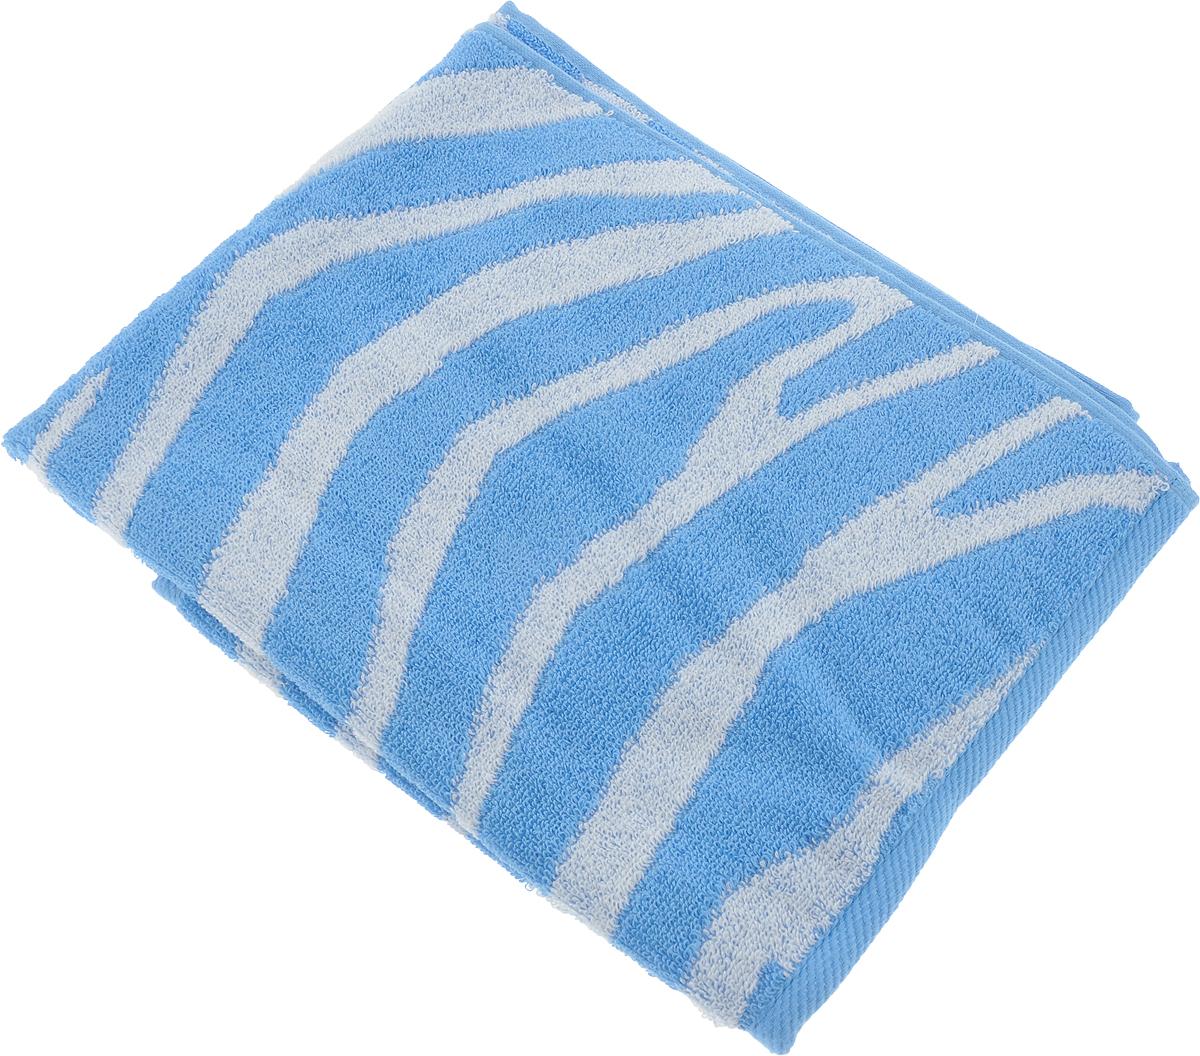 Полотенце Aquarelle Мадагаскар. Зебра, цвет: белый, синий, 50 х 90 см713166Махровое полотенце Aquarelle Мадагаскар. Зебра изготовлено из натурального 100% хлопка.Это мягкое и нежное полотенце добавит ярких красок и позитивного настроя в каждый день. Изделие отлично впитывает влагу, быстро сохнет, сохраняет яркость цвета даже после многократных стирок.